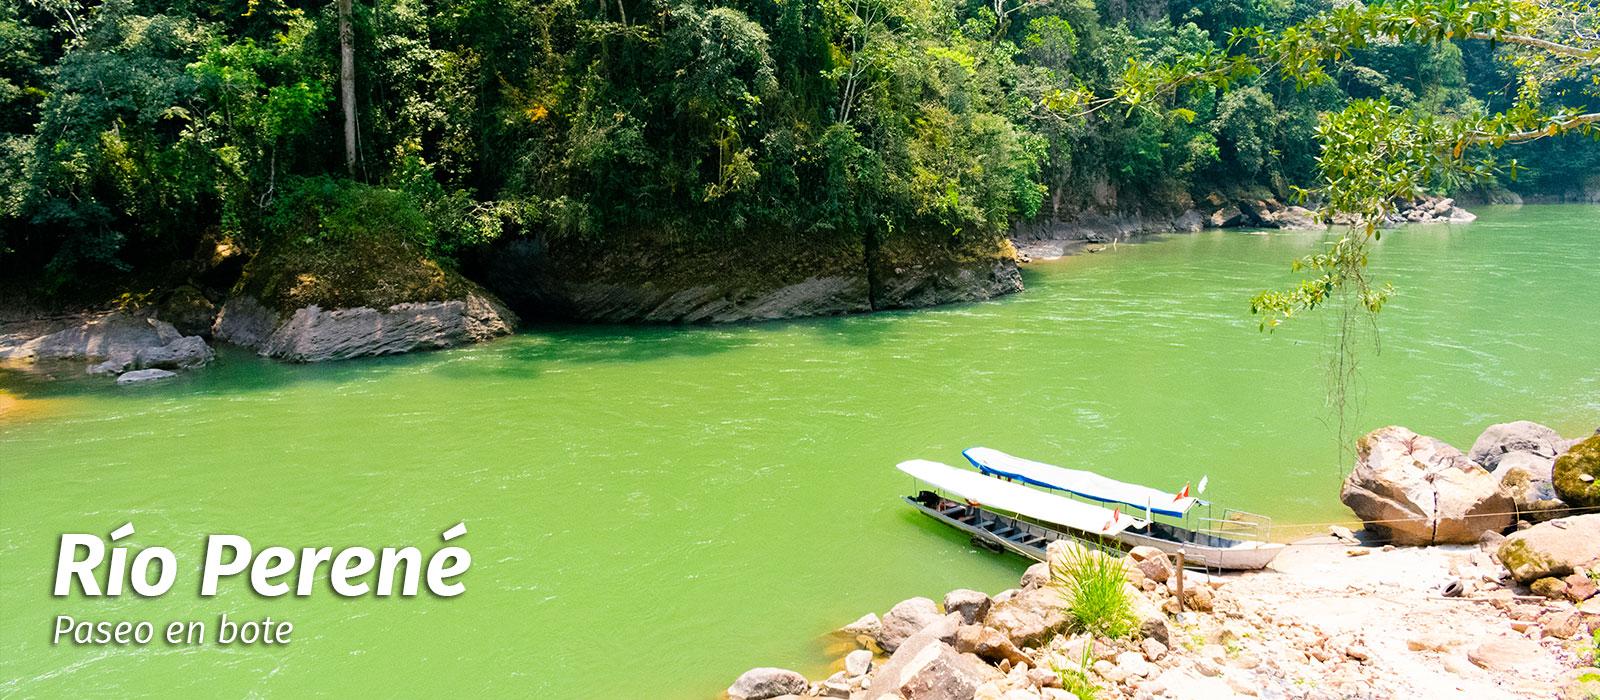 Río Perené